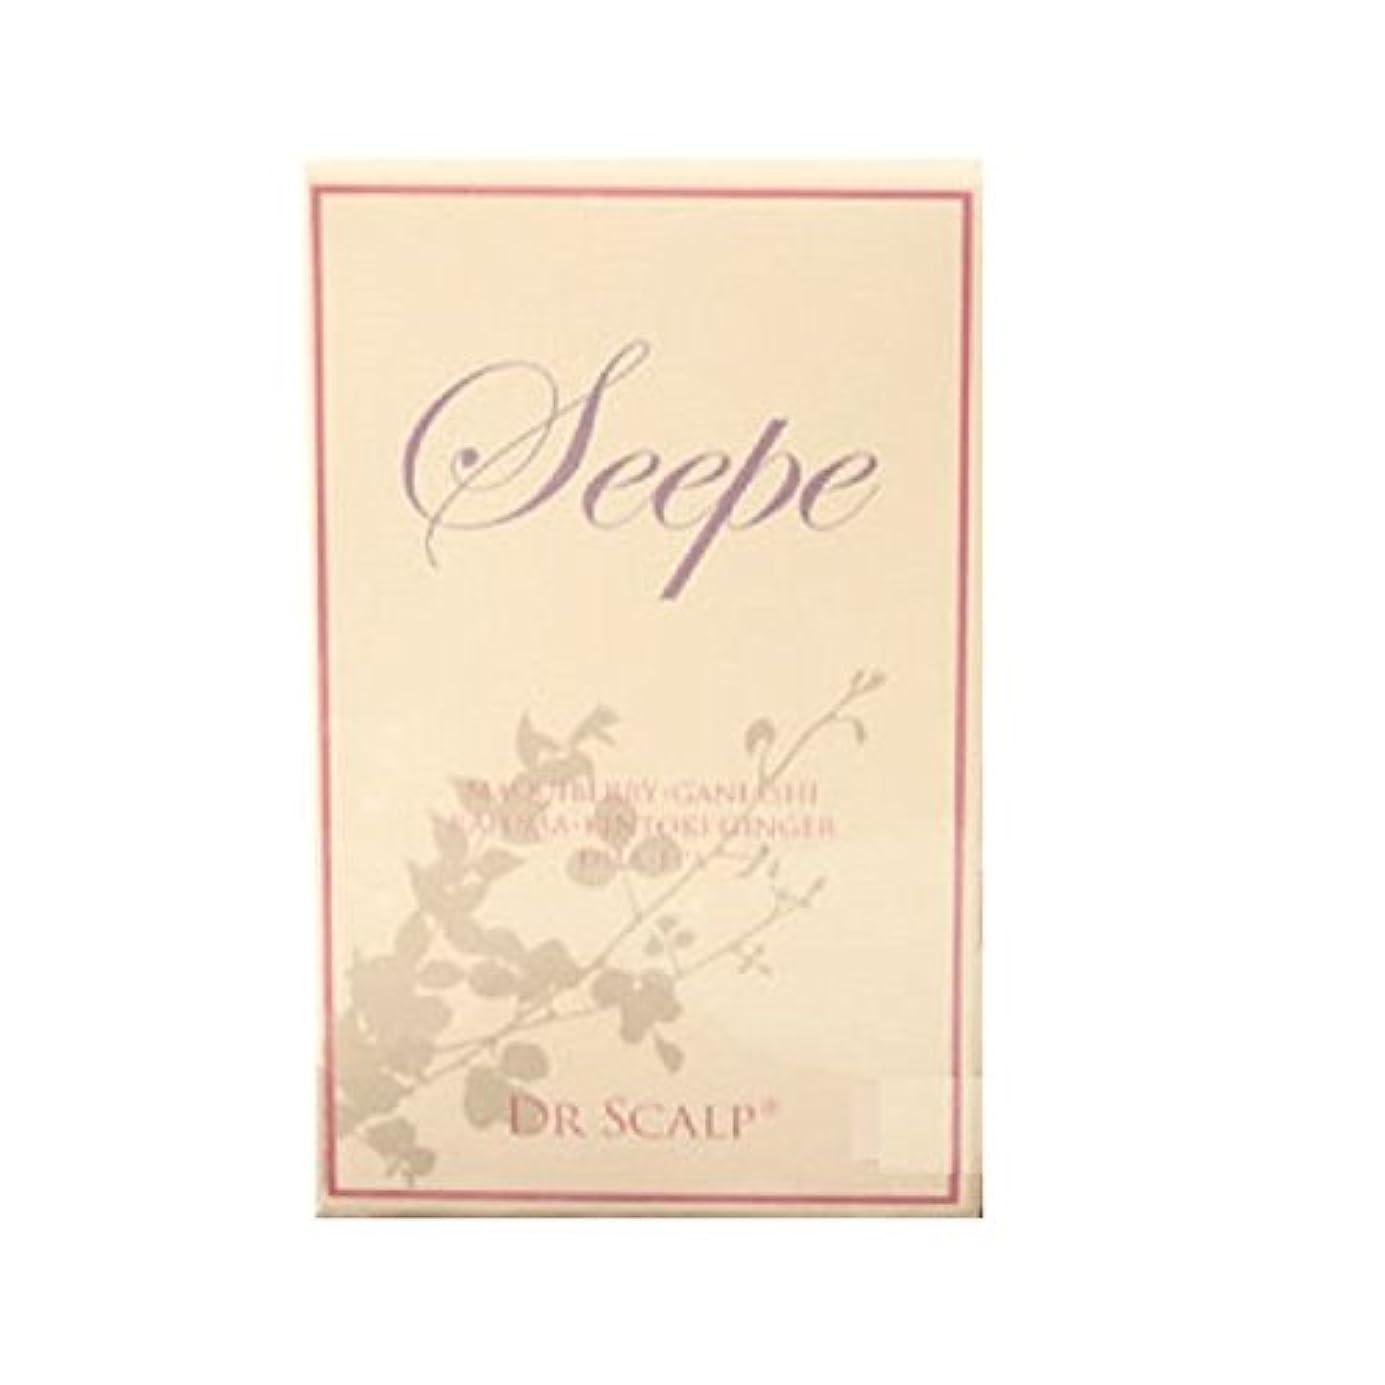 アメリカ政府シネウィドクタースカルプ DR.SCALP(ドクタースカルプ)SEEPE(シープ) (サプリメント)※プロジェクトサプリメントのリニューアル商品です《60粒》